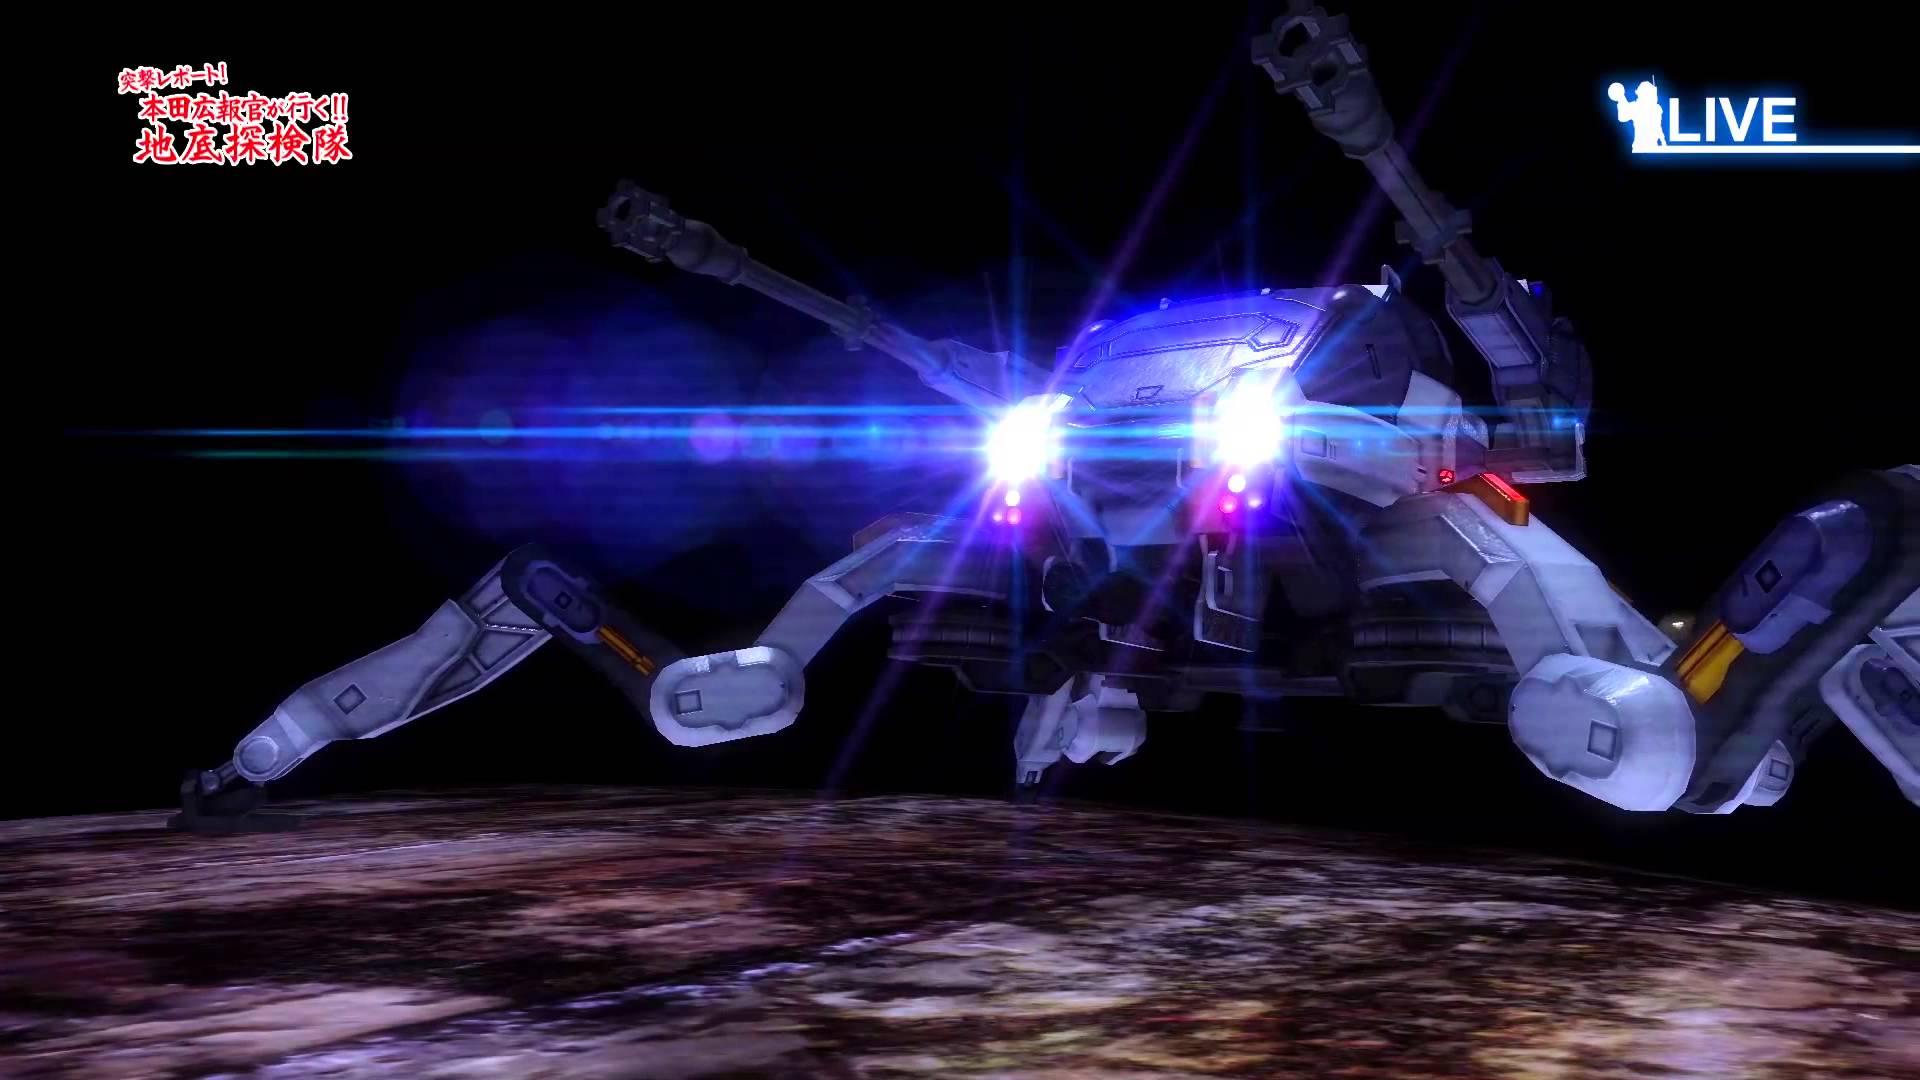 『地球防衛軍4.1』第2弾PV「突撃レポート!巣穴潜入ライブ中継」公開!新兵器「デプス・クロウラー」の詳細な紹介あり!